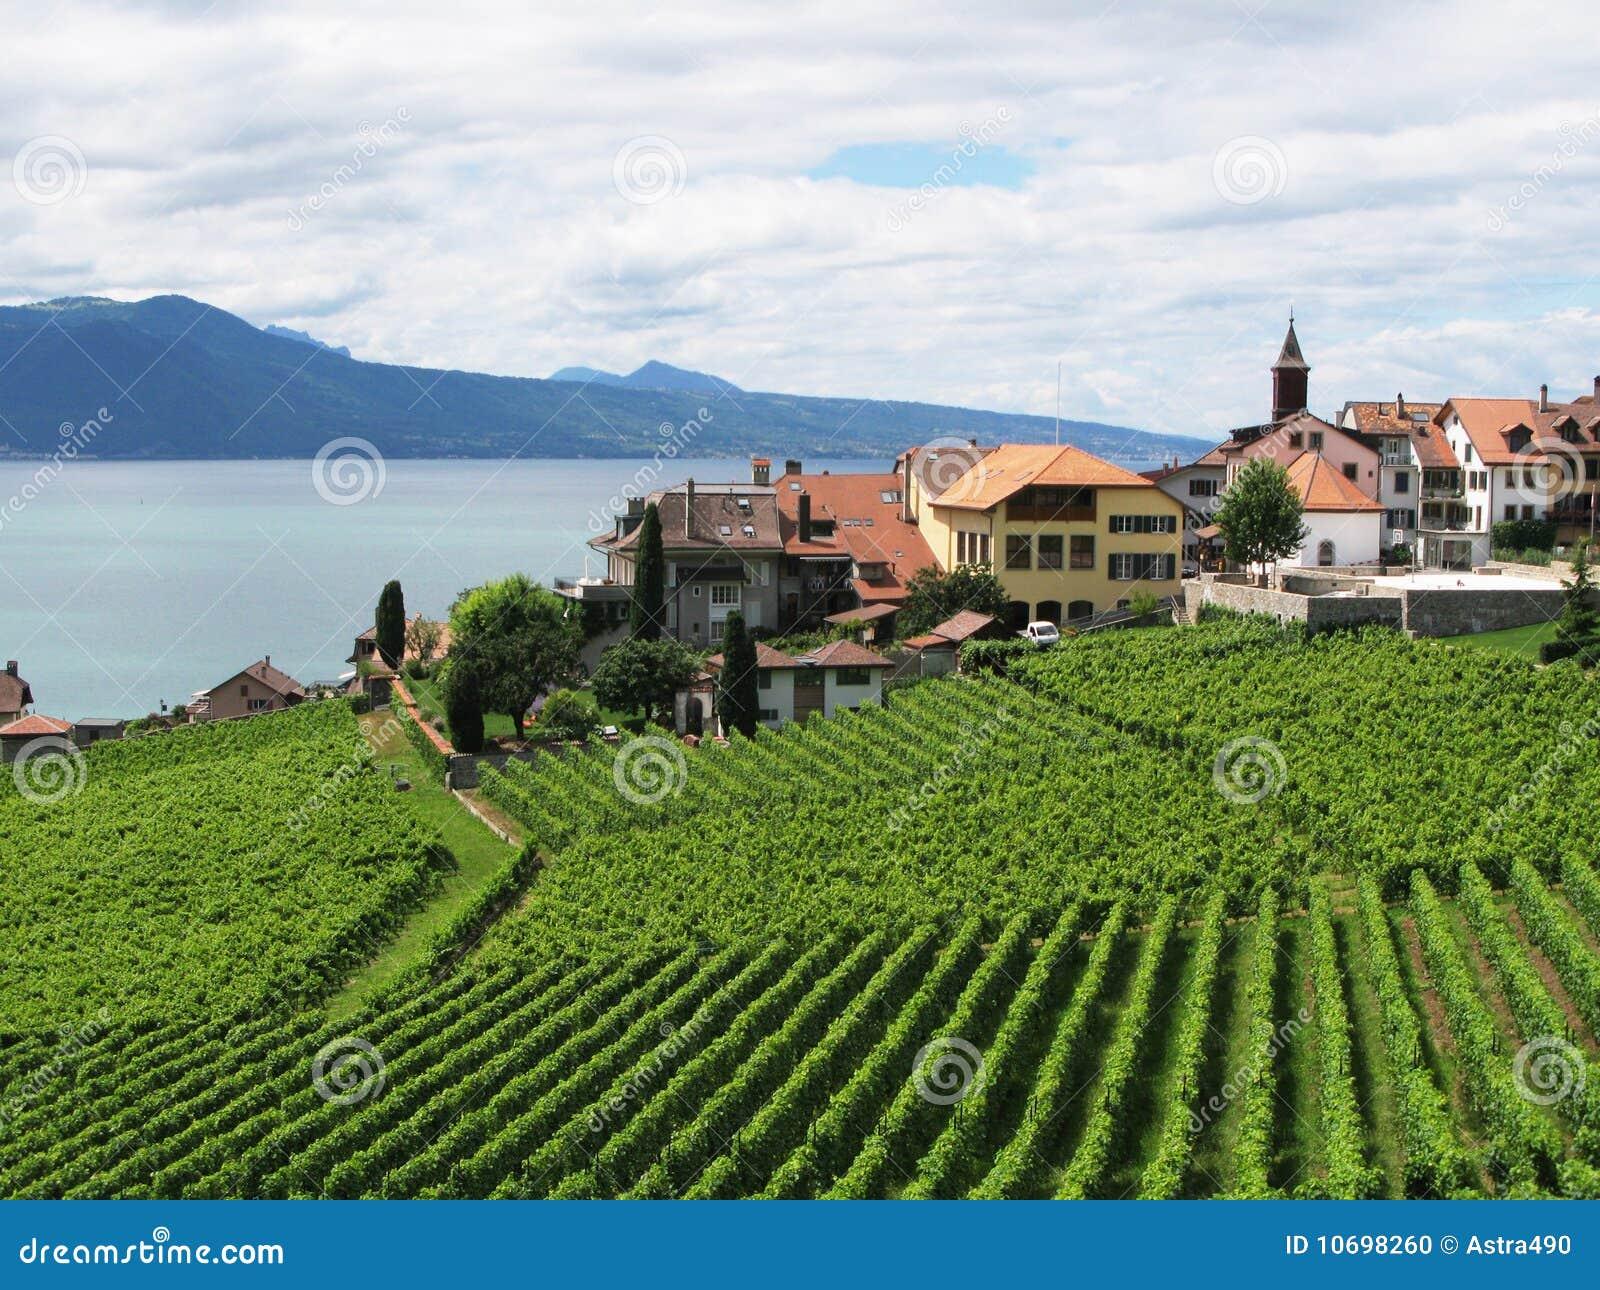 Famous vineyards in Lavaux region